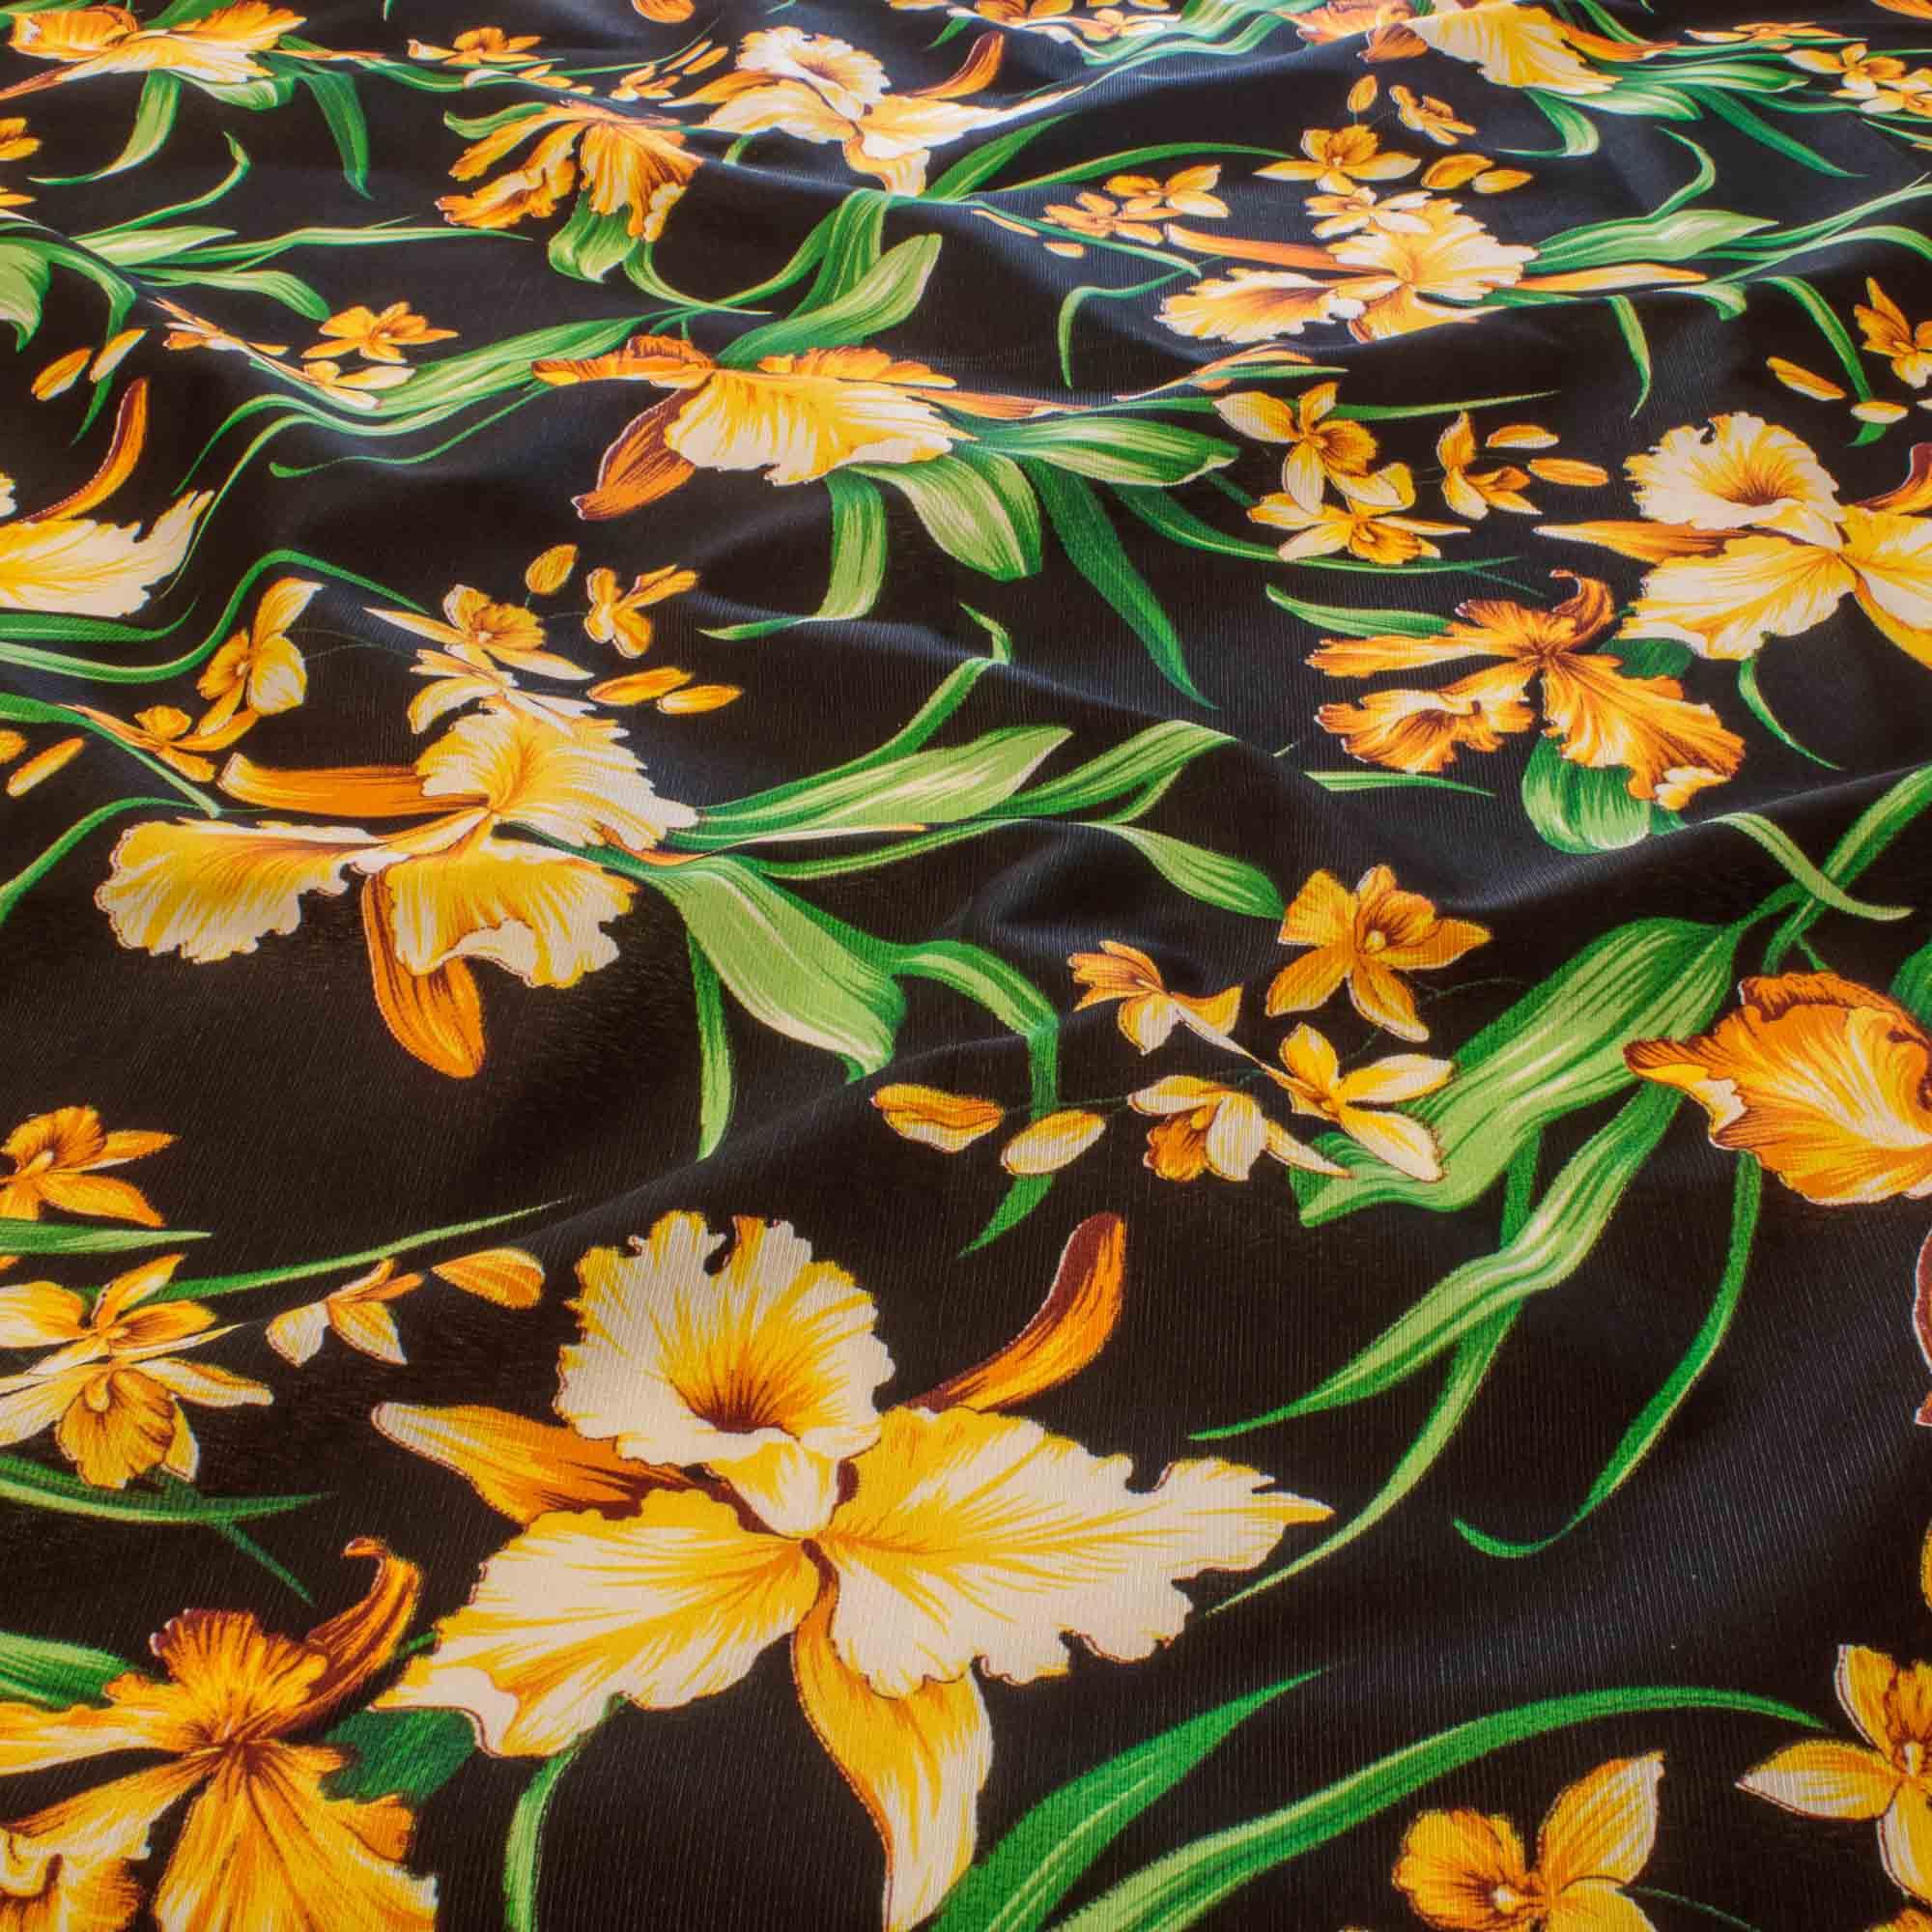 Tecido Gorgurinho Estampado Flores Amarelas 1,50 Mt Largura